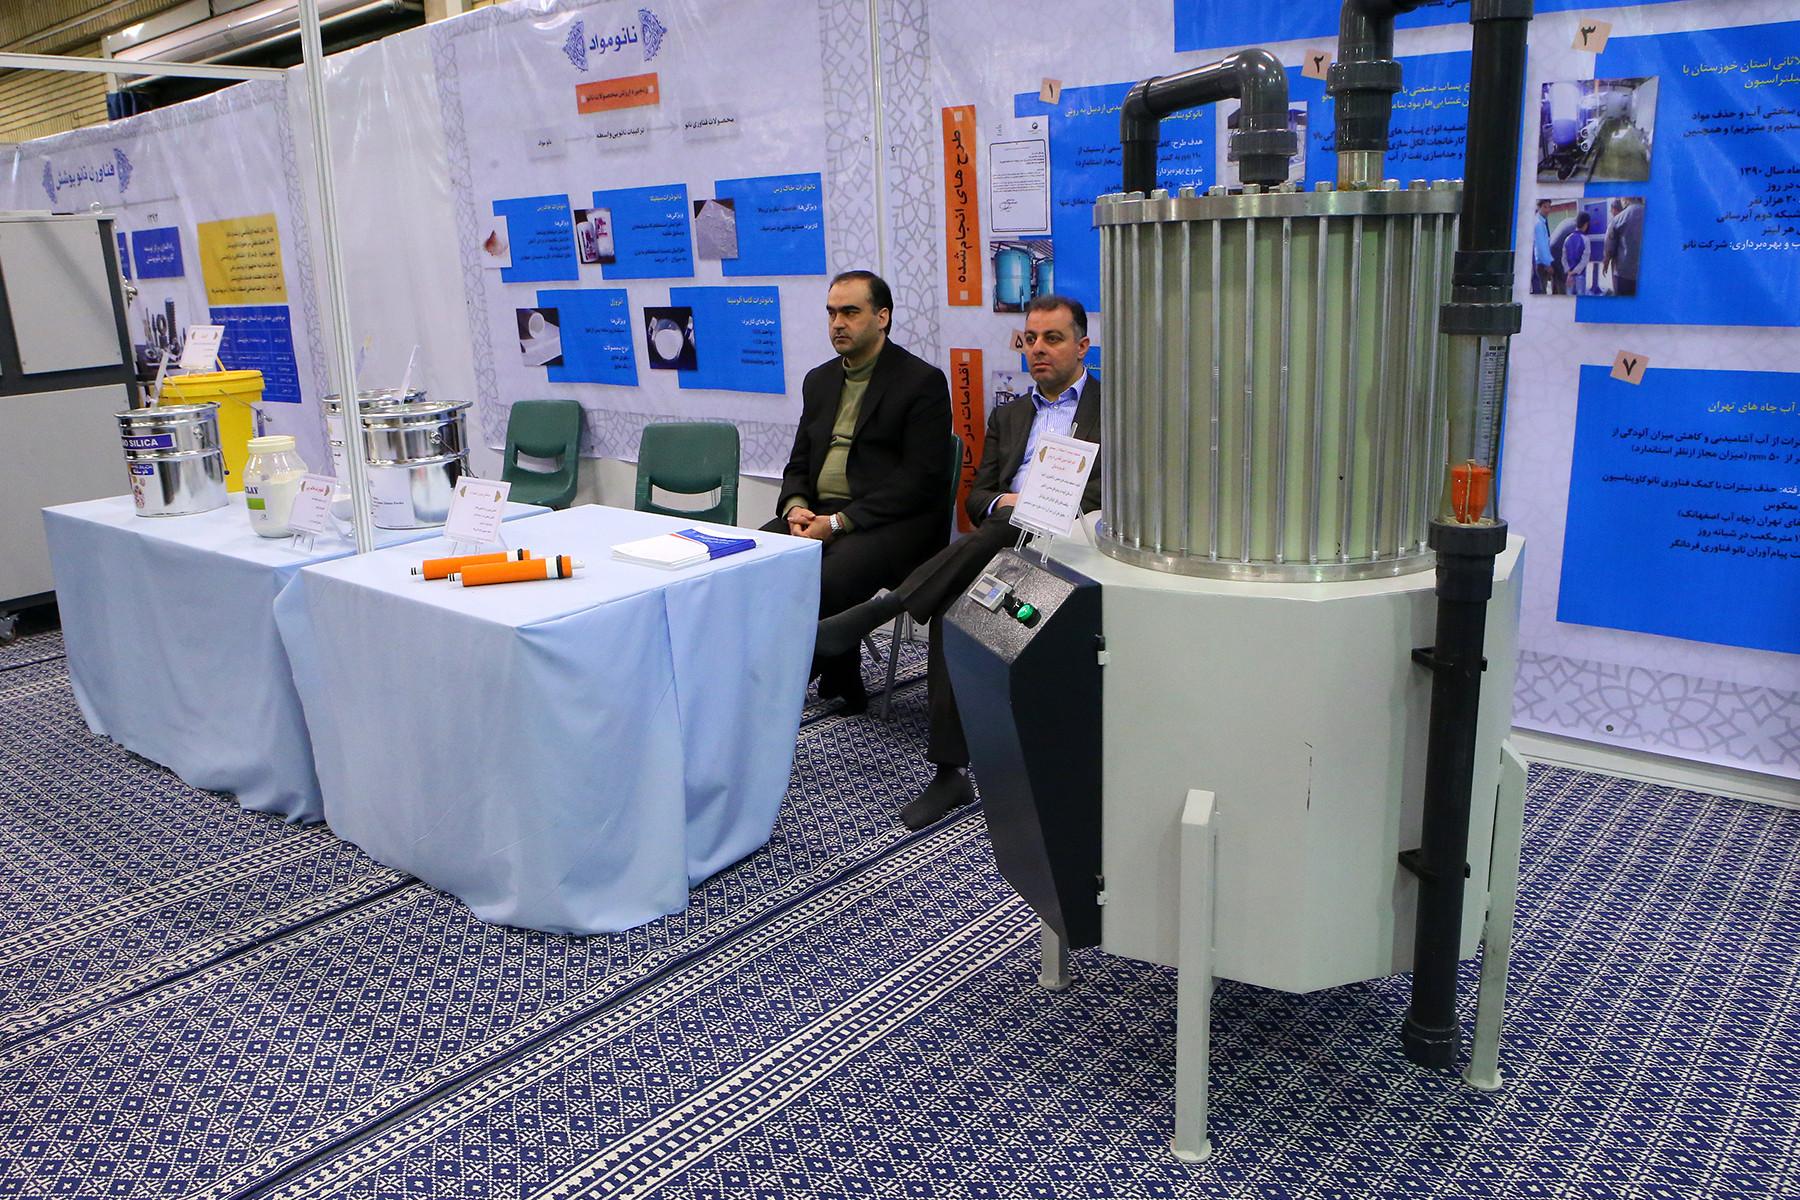 نمایشگاه دستاوردهای پژوهش و فناوری تهران نوزدهمین دوره